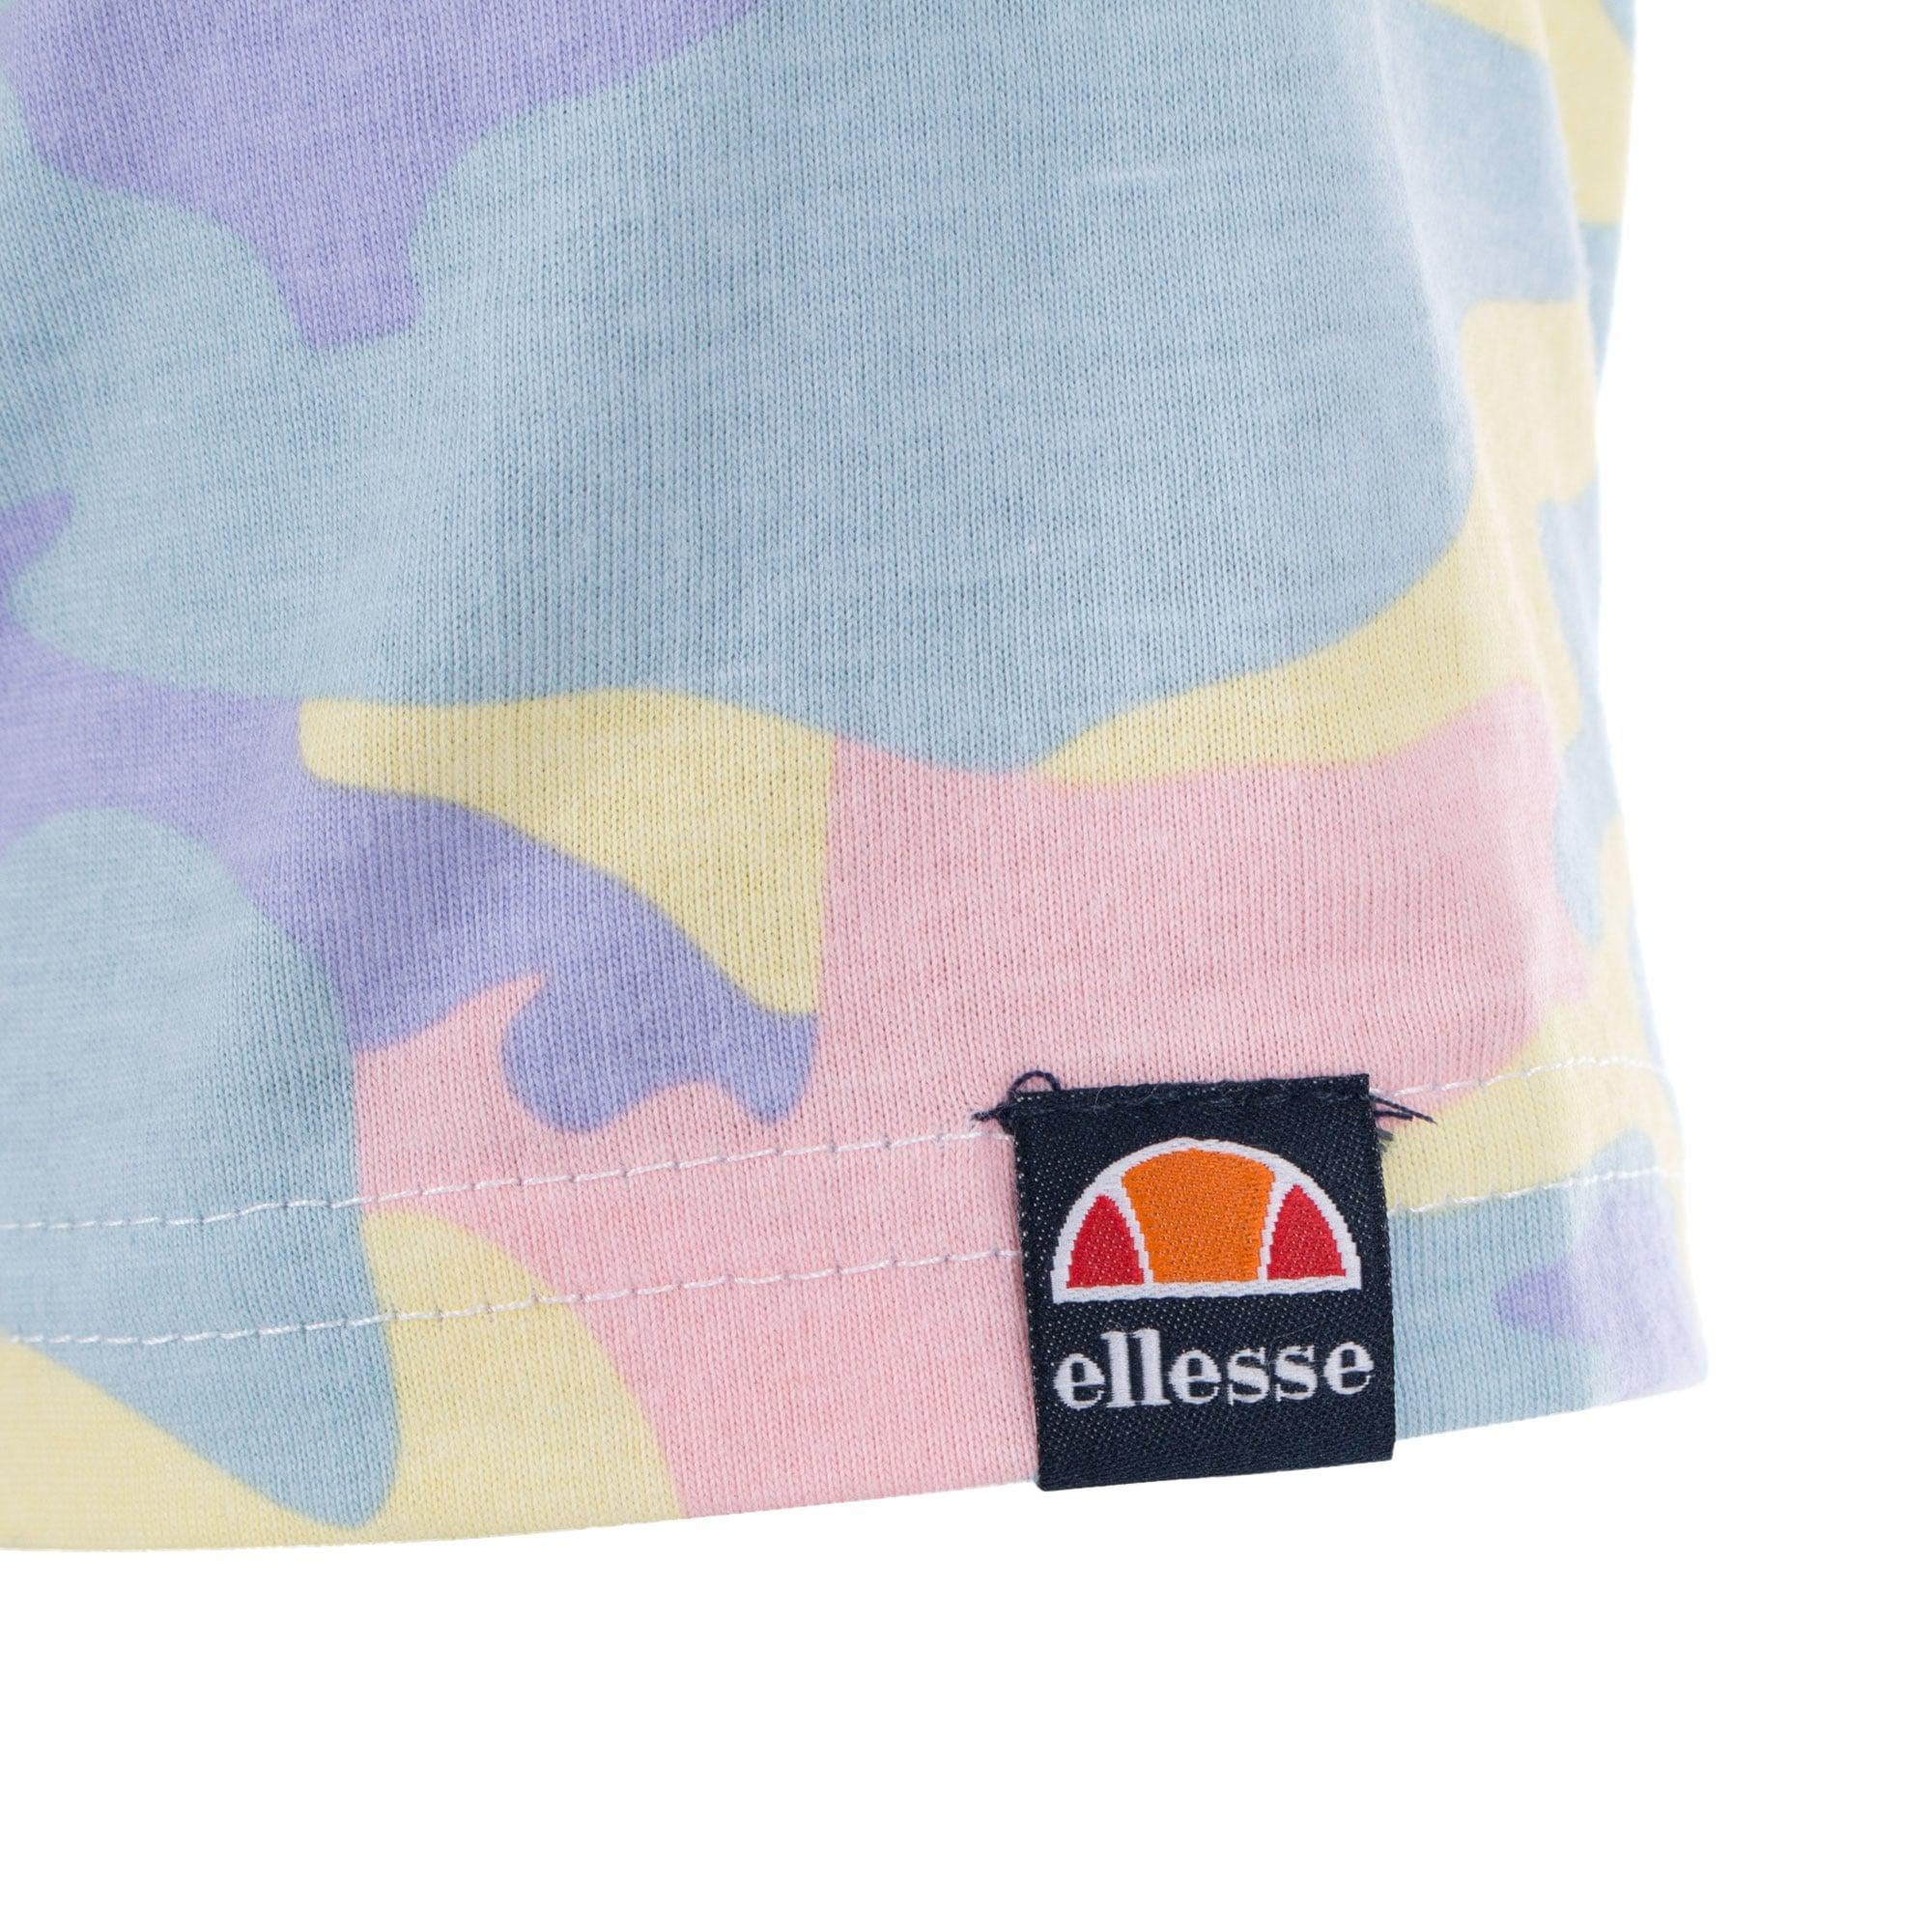 7ea6462b Ellesse Arbatax T-shirt In Camo for Men - Lyst